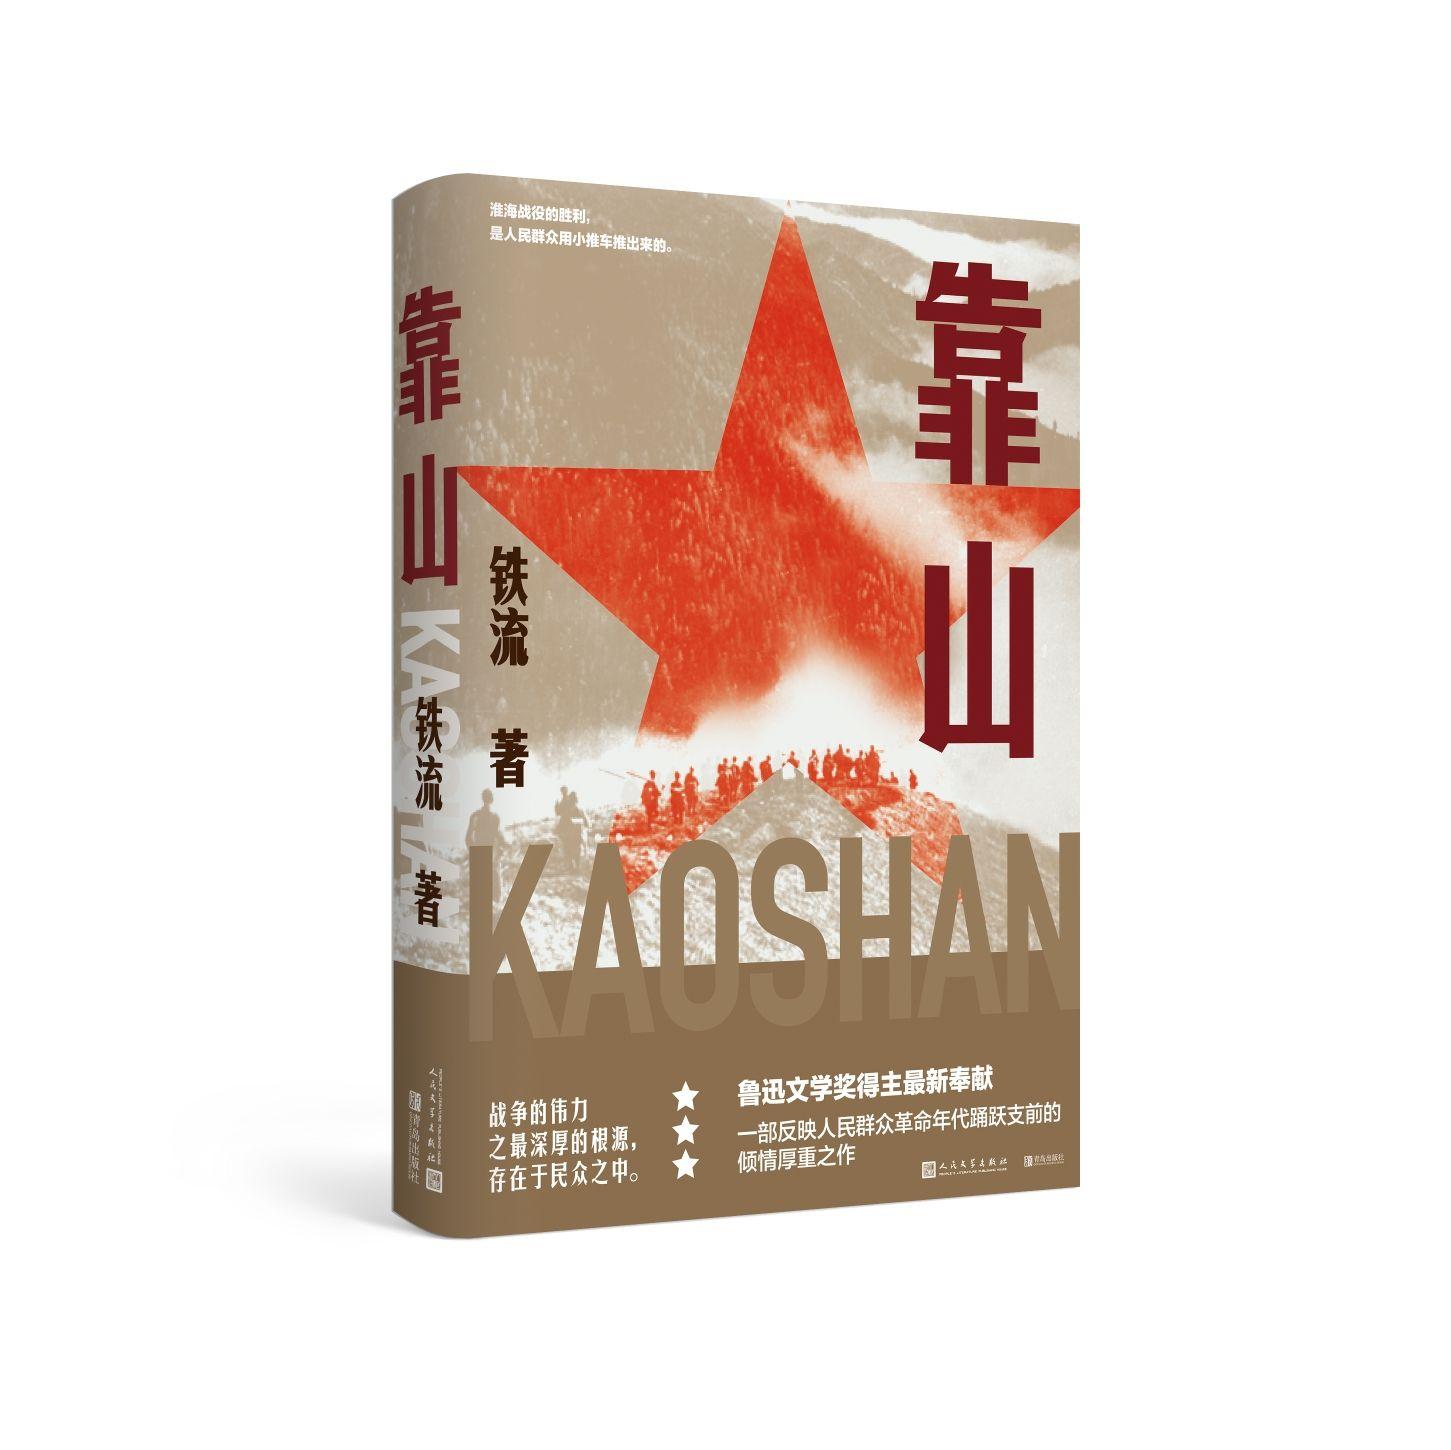 鲁迅文学奖得主铁流新作《靠山》,记述战争年代人民踊跃支前的动人故事